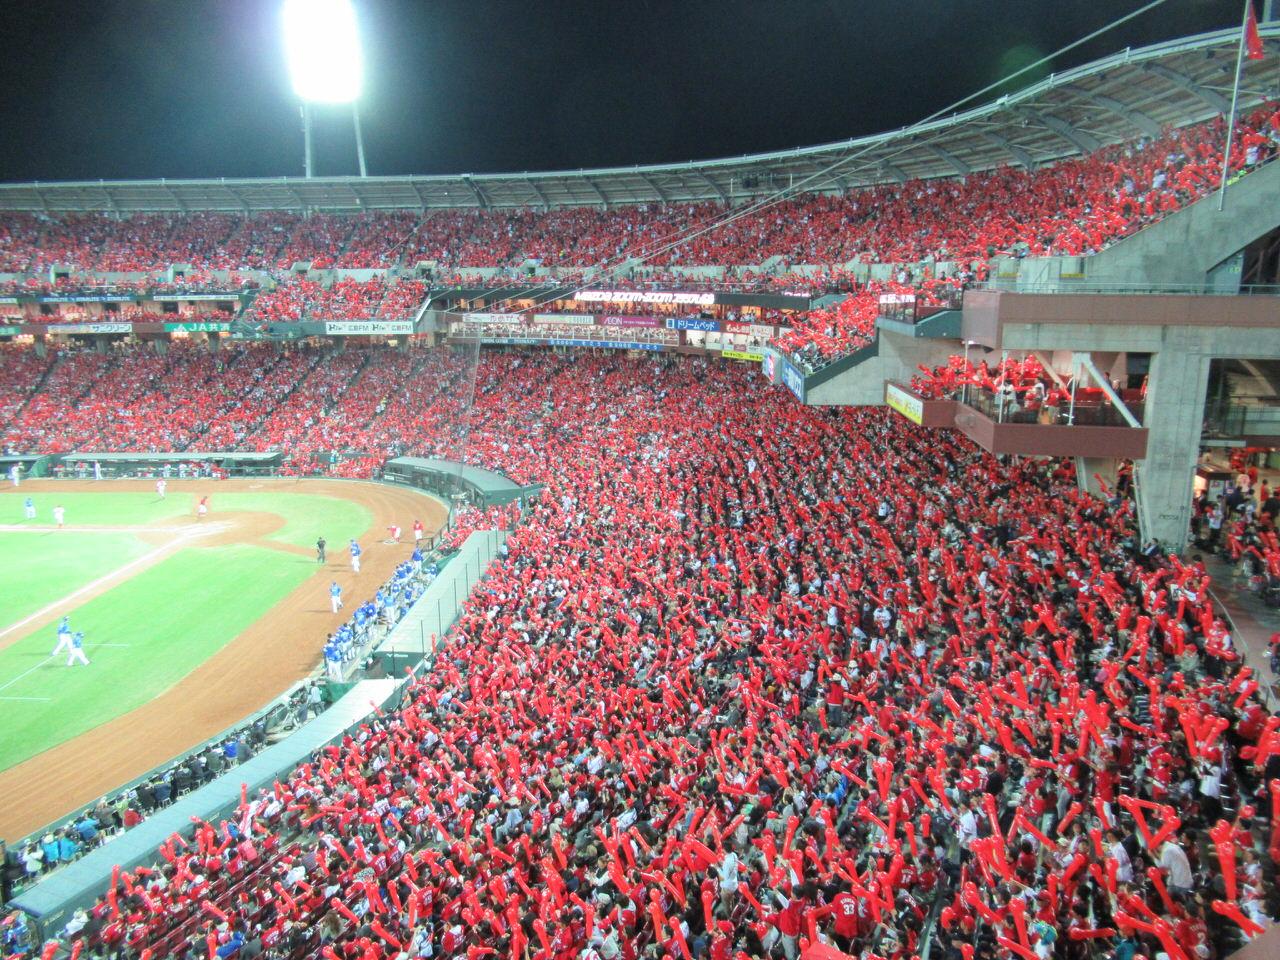 球場がほぼ真っ赤で埋め尽くされる広島マツダスタジアム!